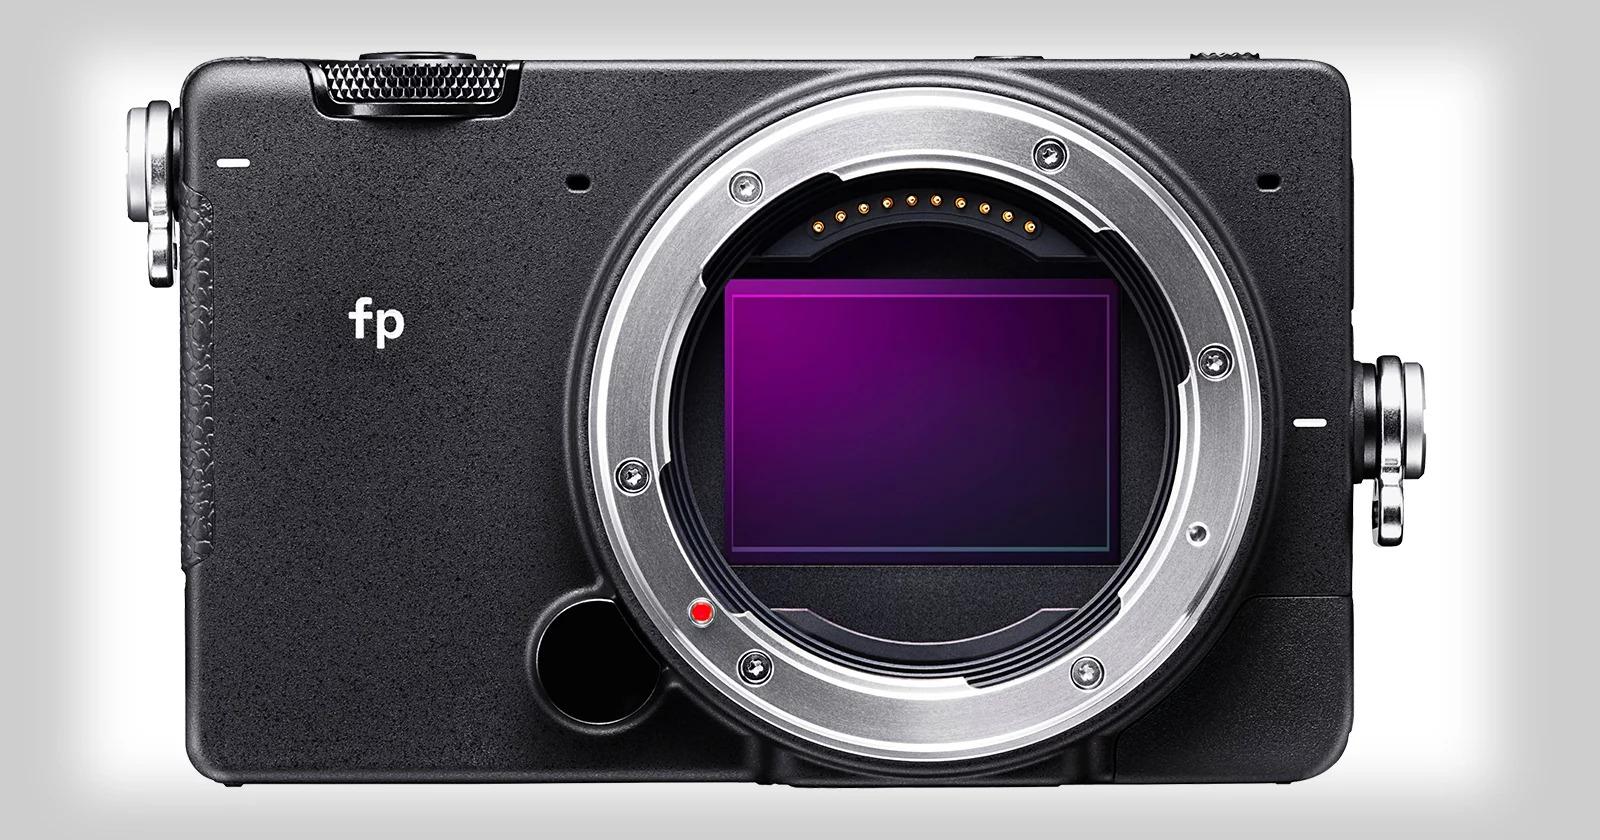 Sigma ra mắt chiếc máy ảnh mirrorless Full Frame nhỏ gọn nhất thế giới